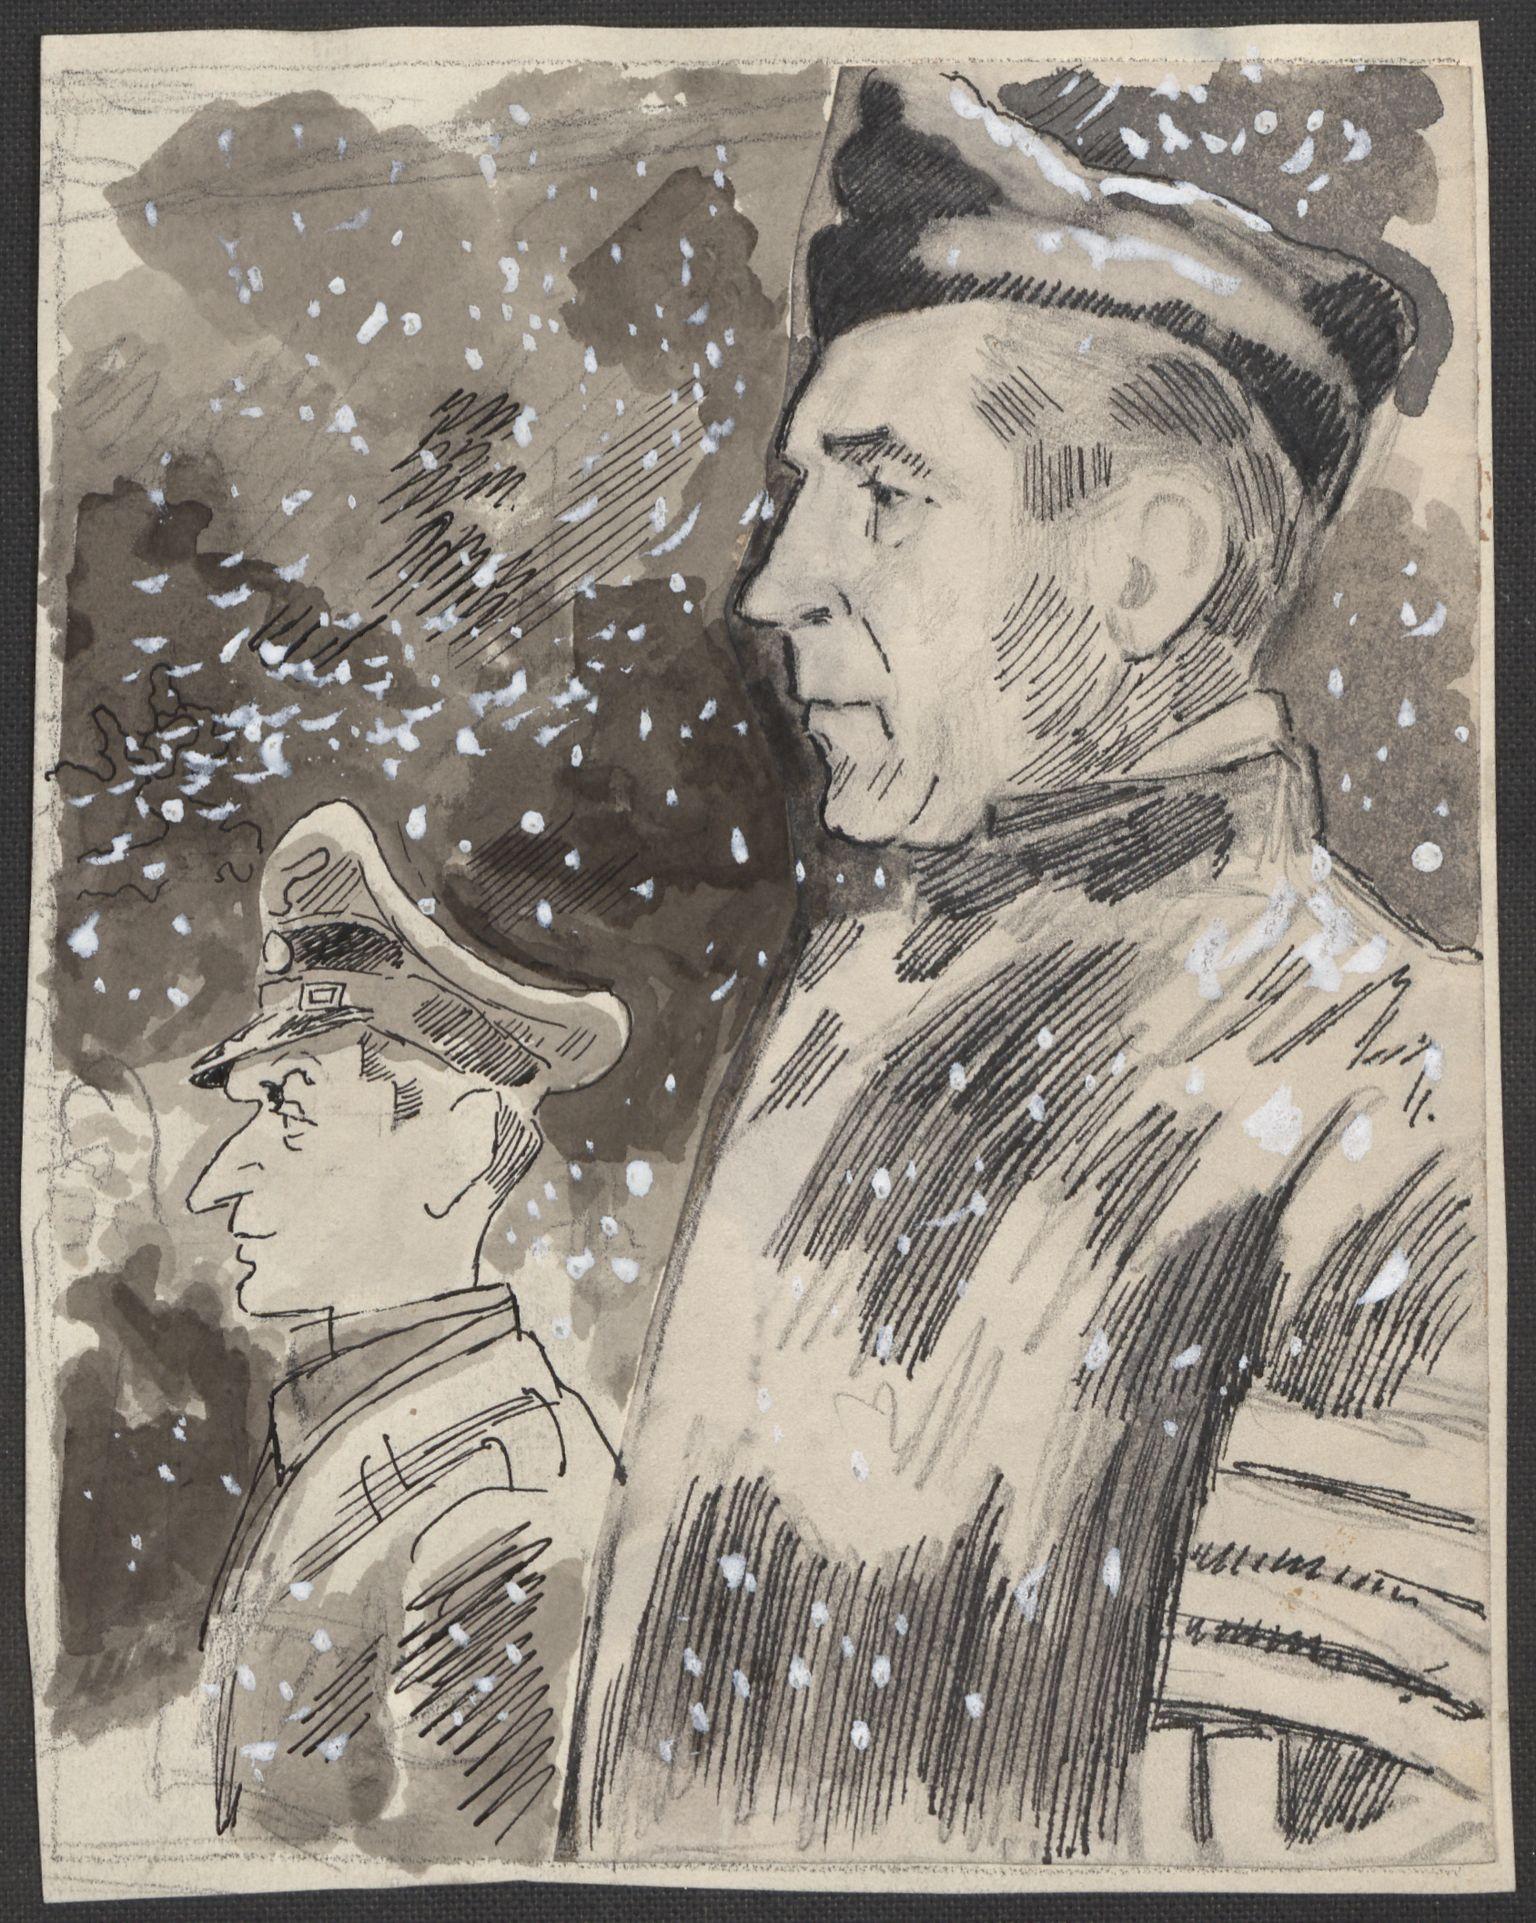 RA, Grøgaard, Joachim, F/L0002: Tegninger og tekster, 1942-1945, s. 74